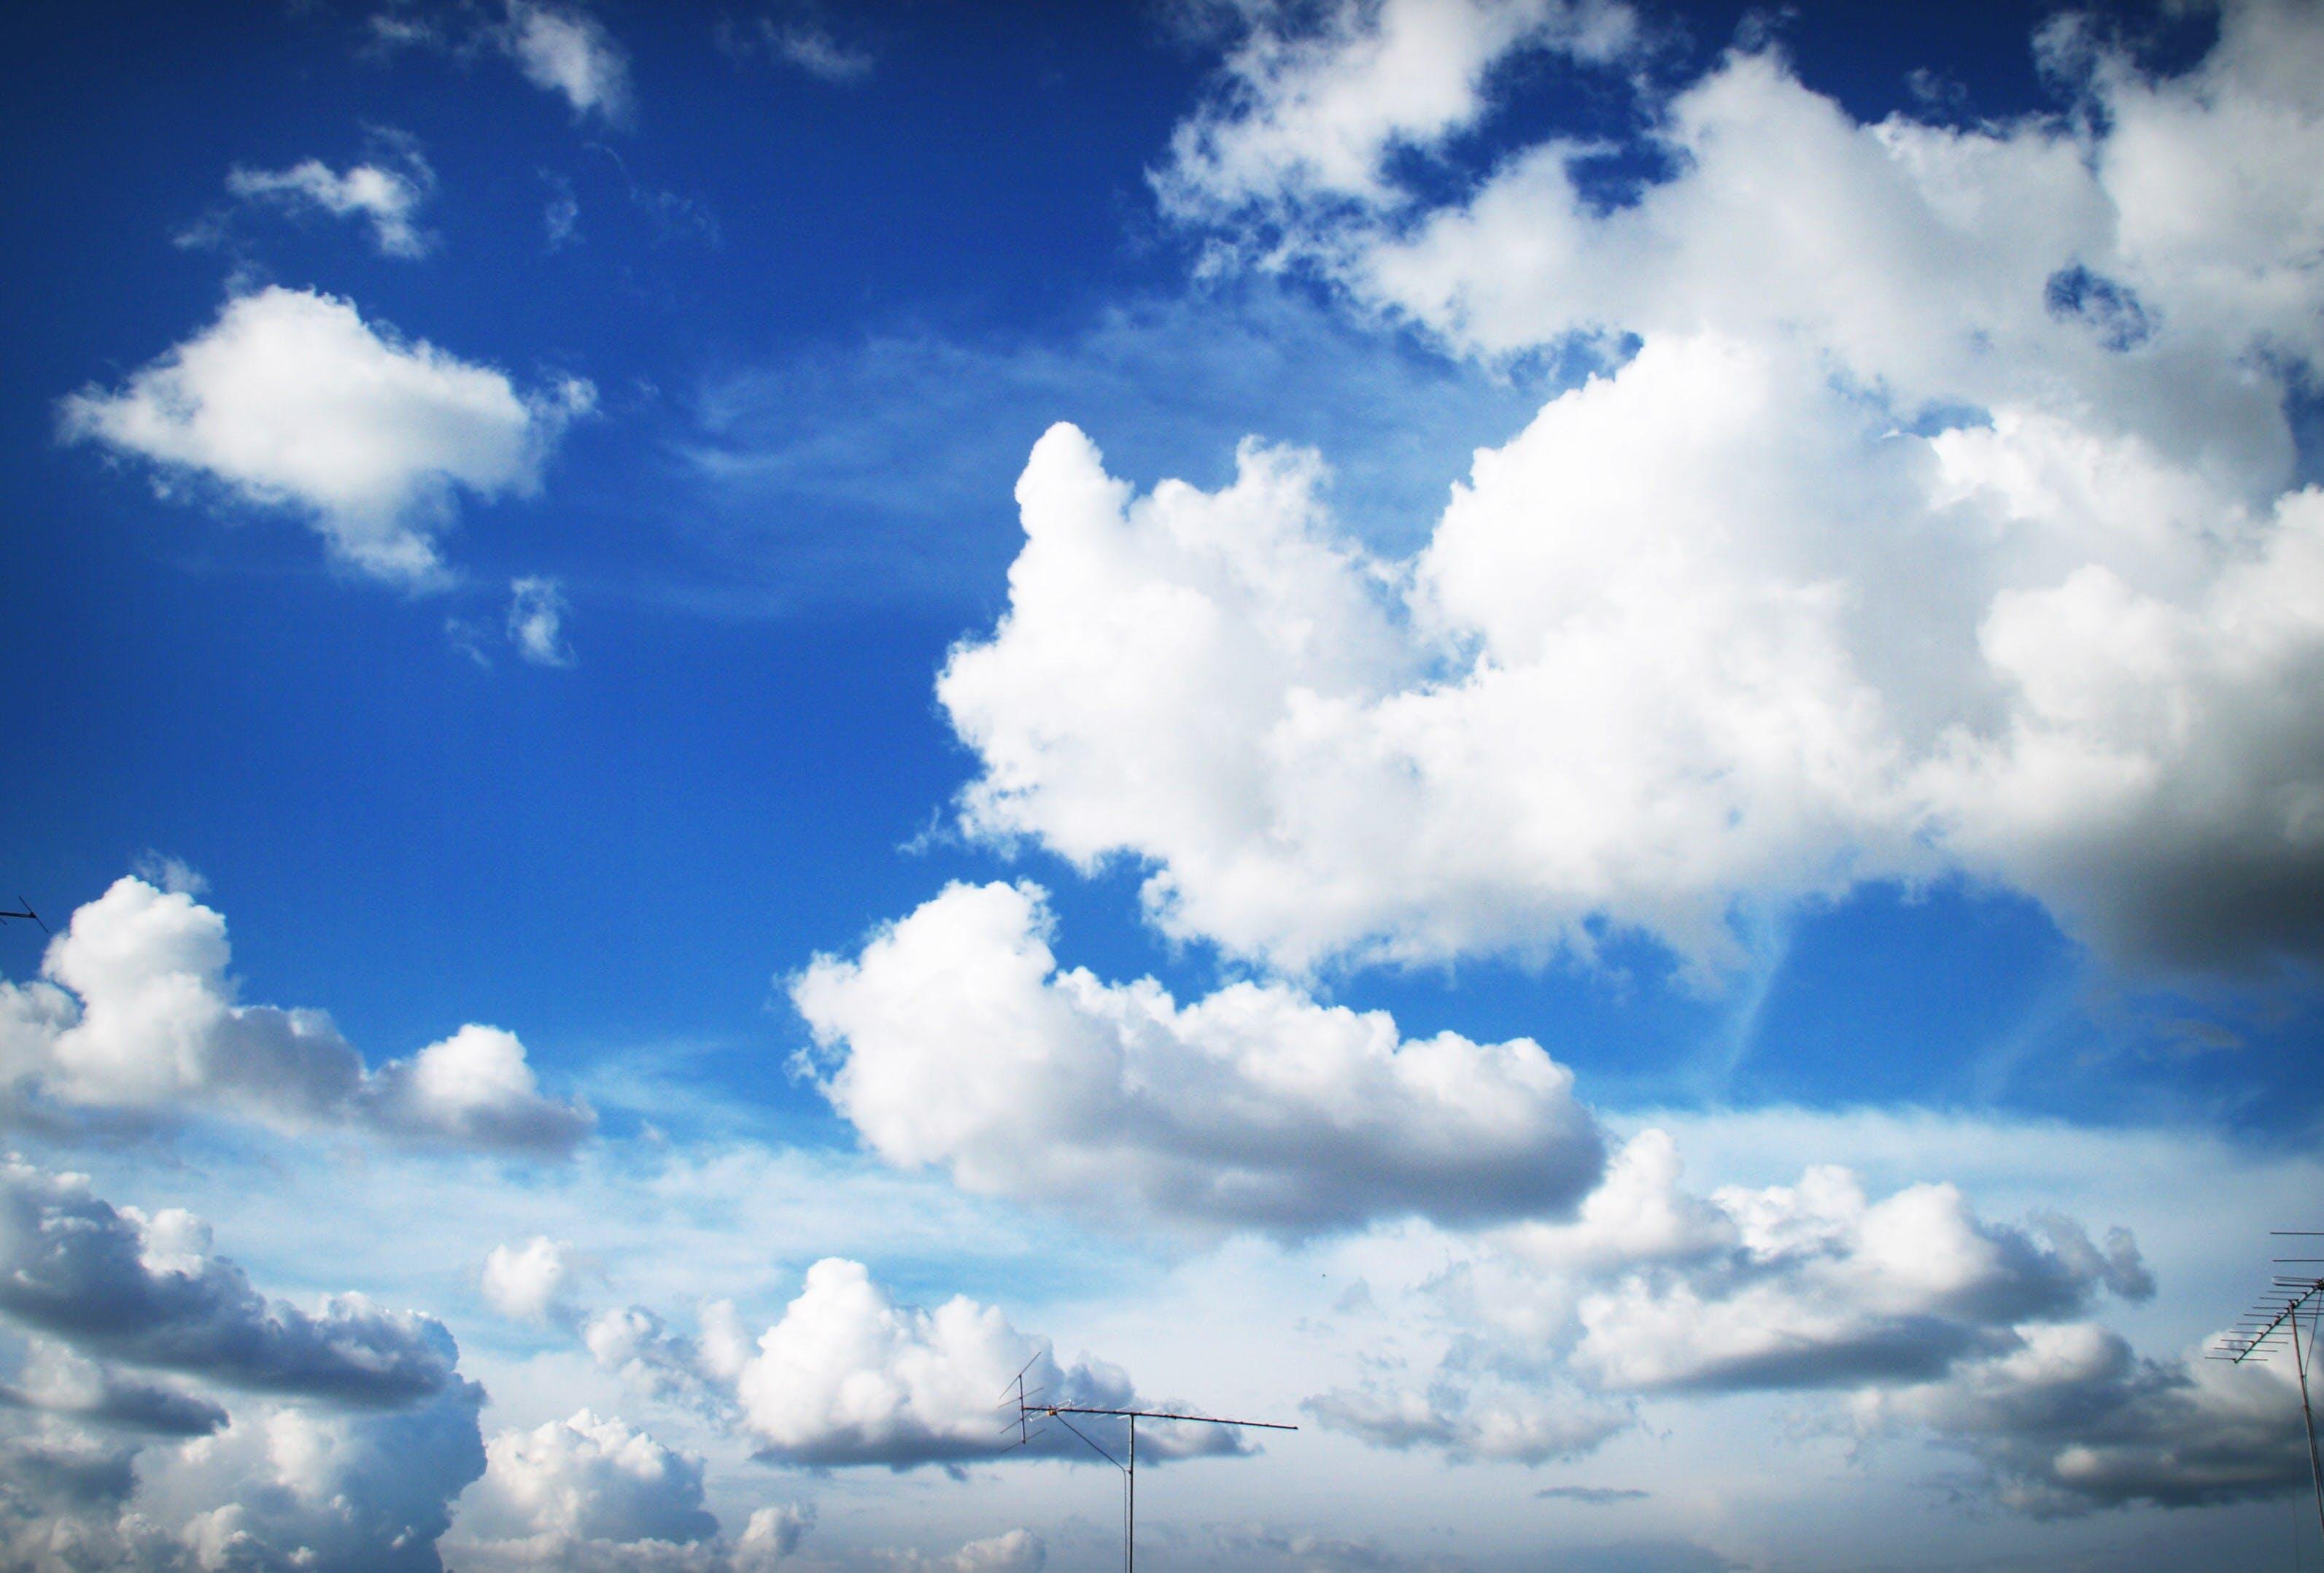 Immagine gratuita di atmosfera, cielo, cielo azzurro, fotografia con le nuvole